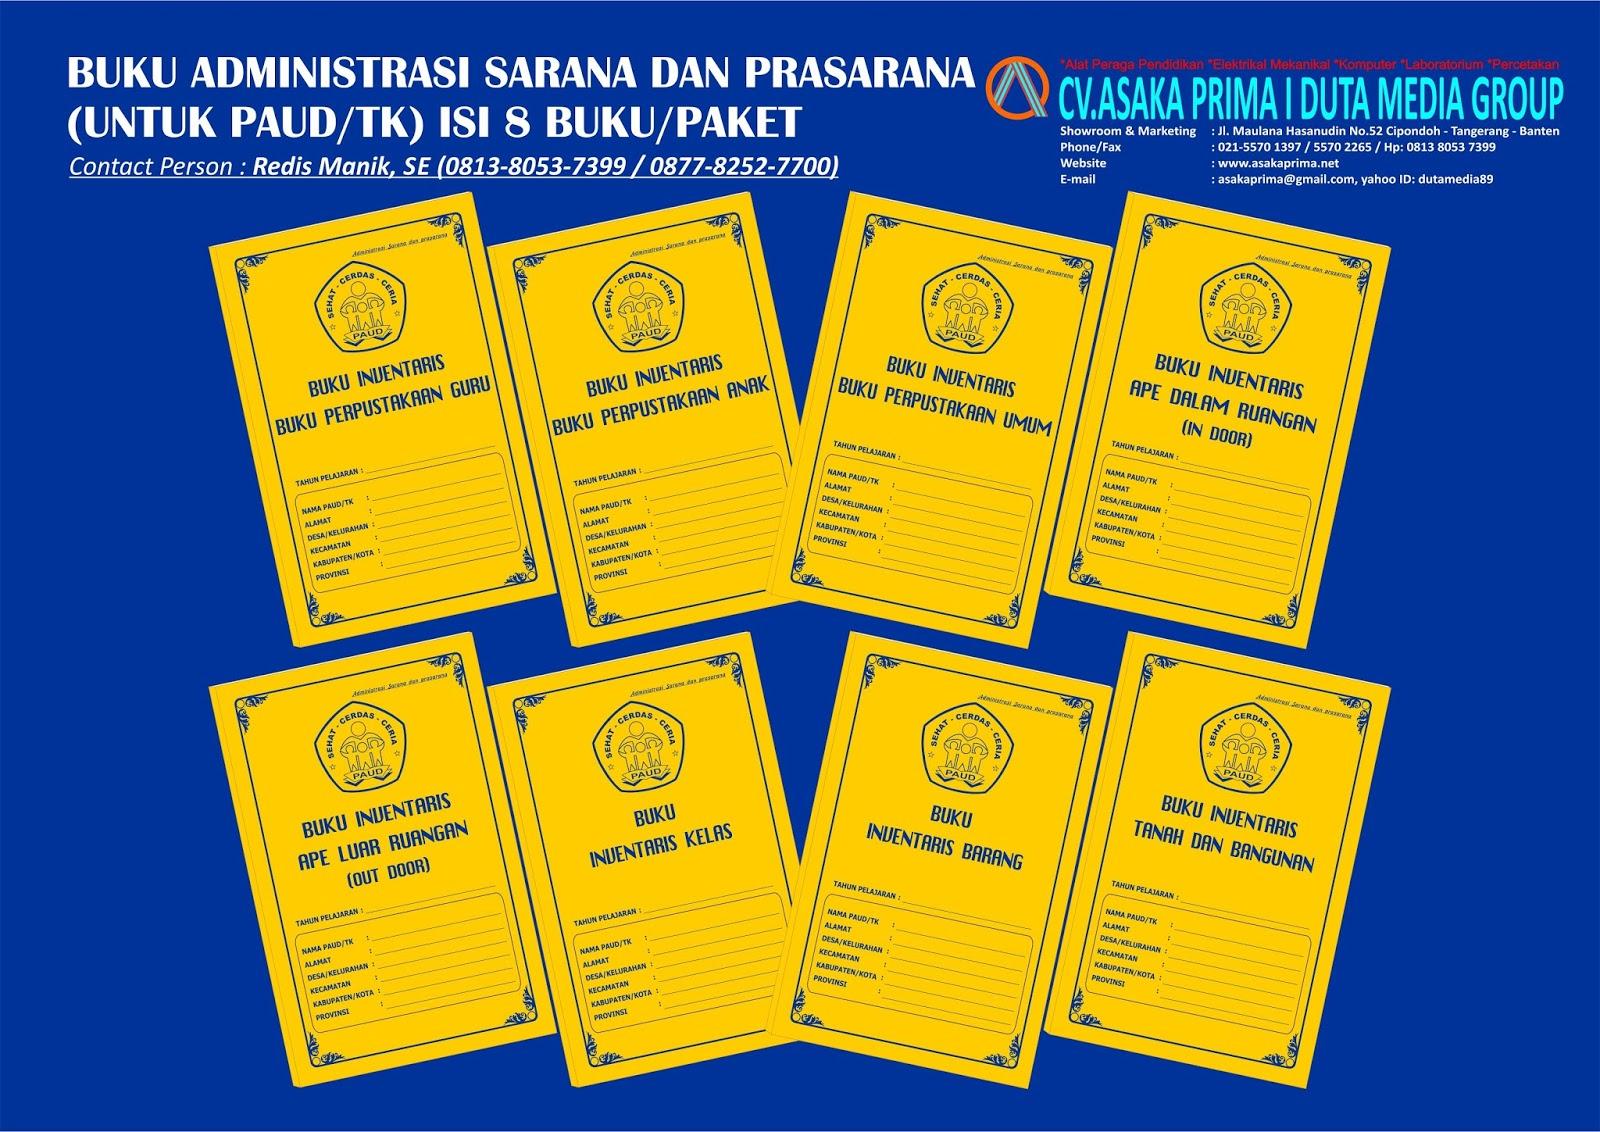 Buku Administrasi Jenjang Paud Tahun Pelajaran 2018 Buku Bop Paud 2018 Sarana Kerja Ppkbd